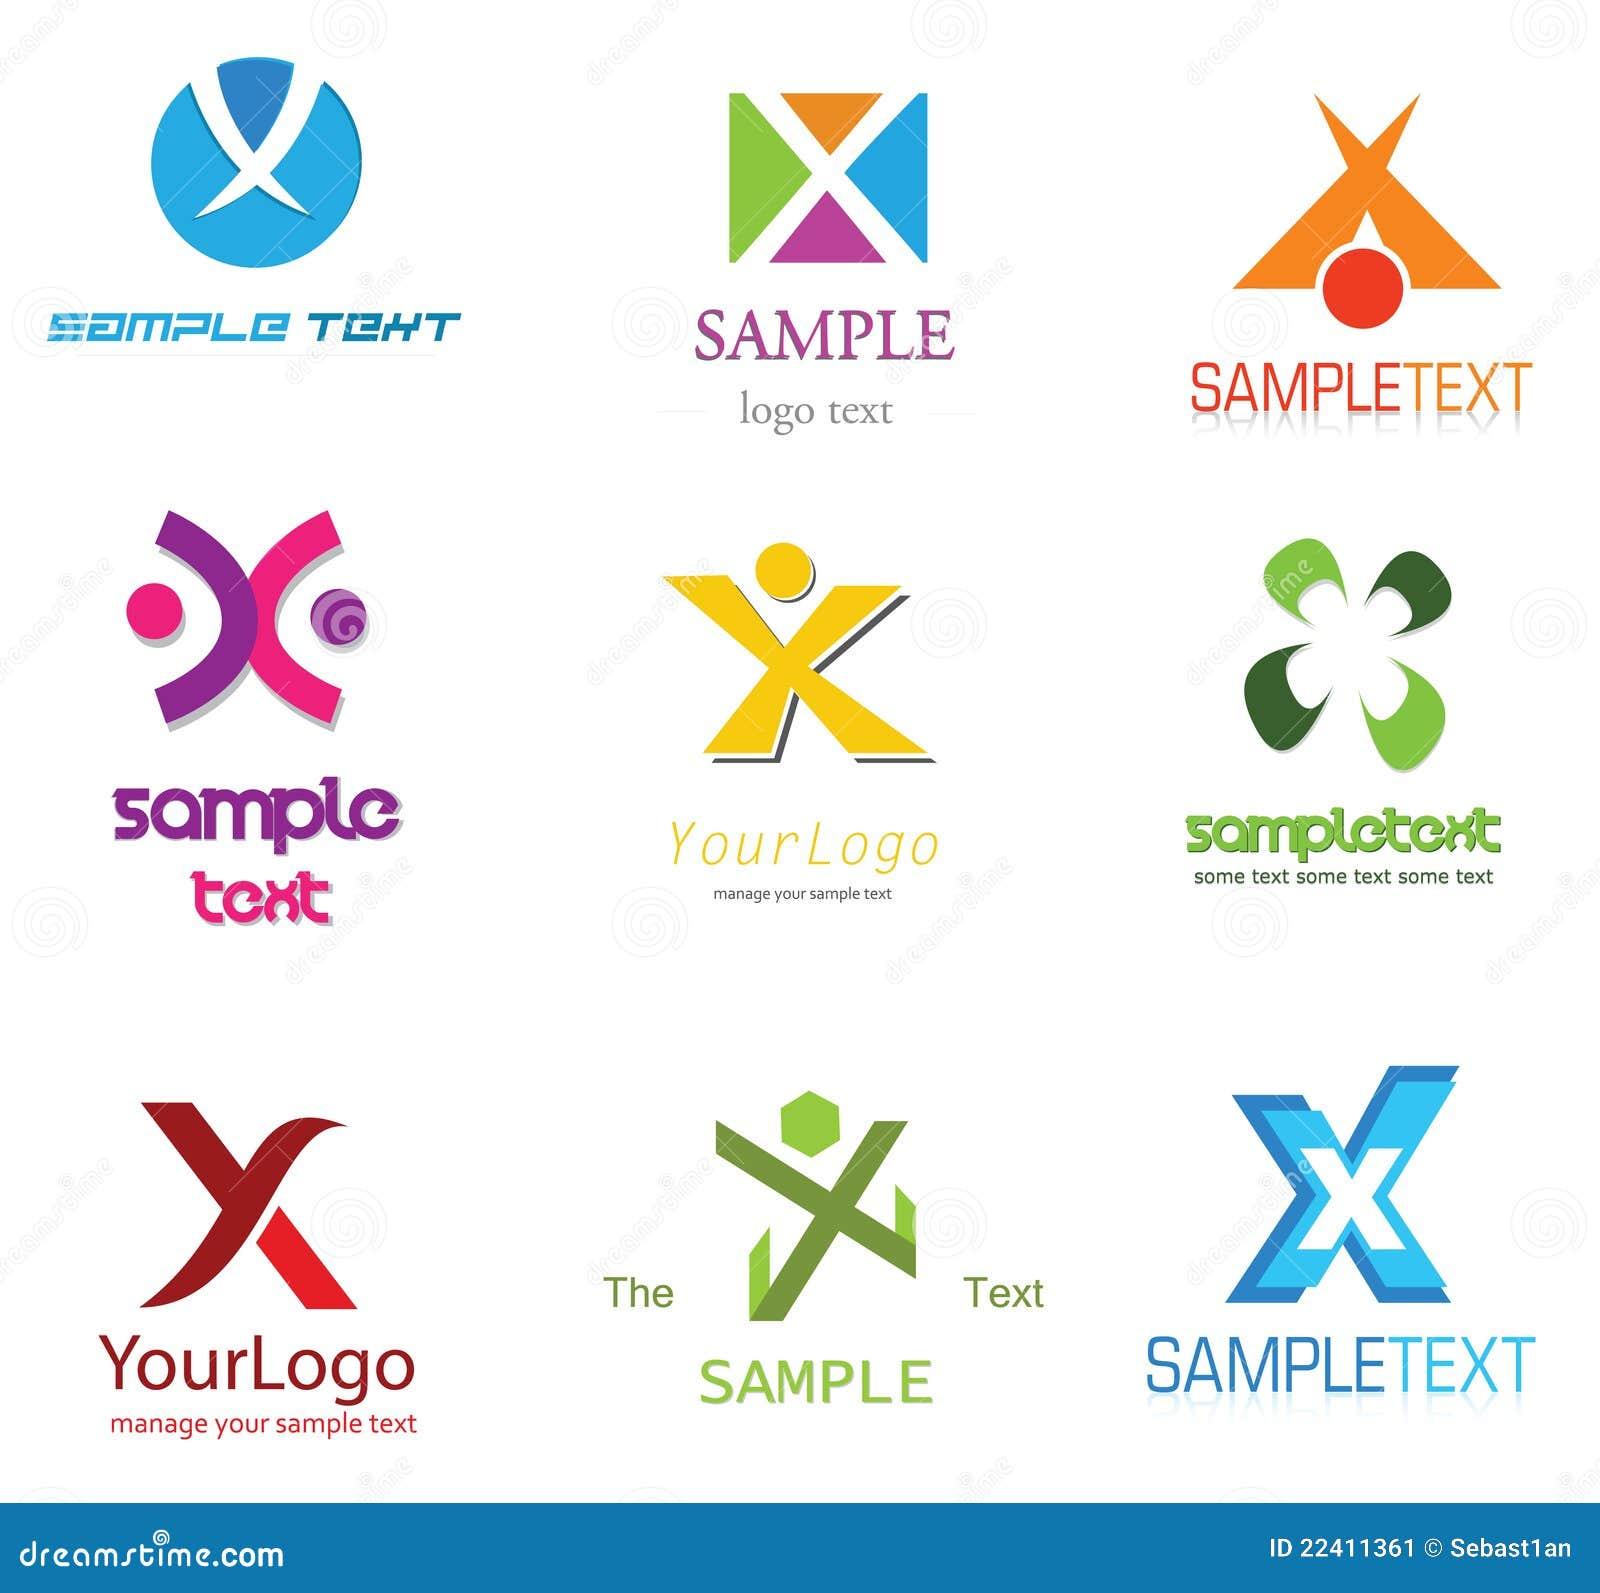 Alphabetical Logo Design Concepts. Letter X.